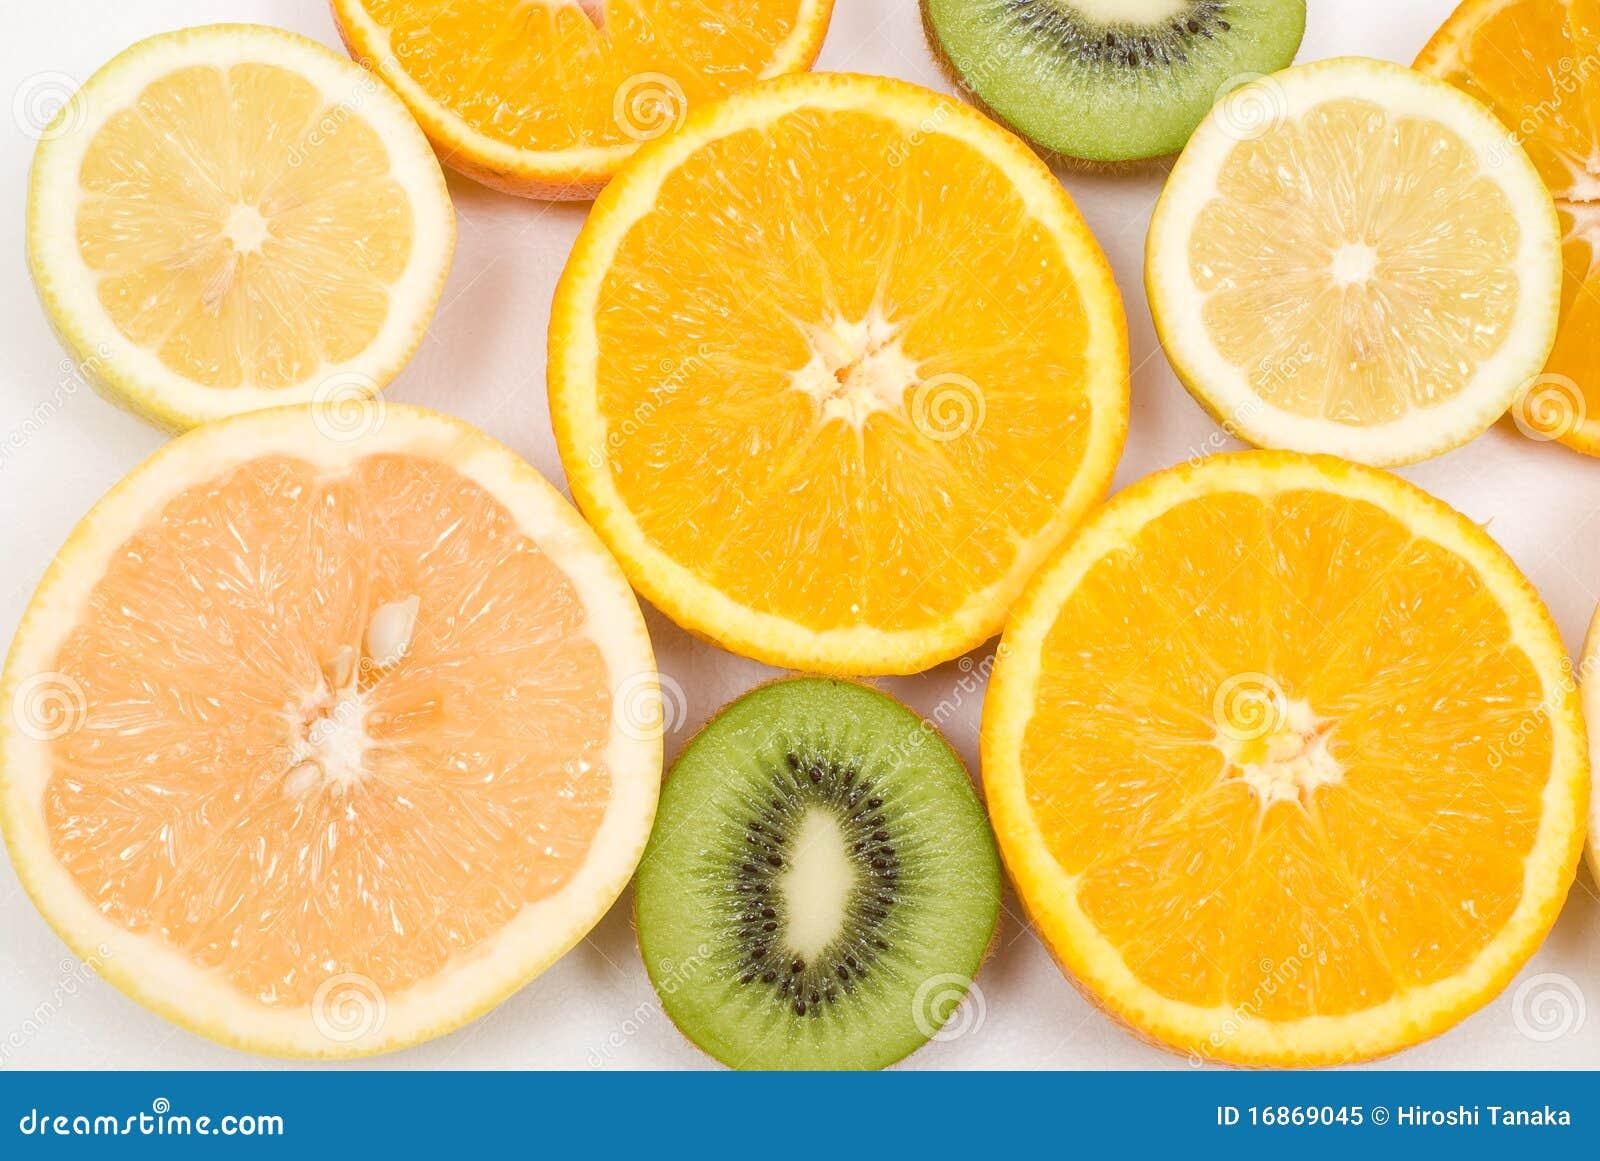 Corte frutas